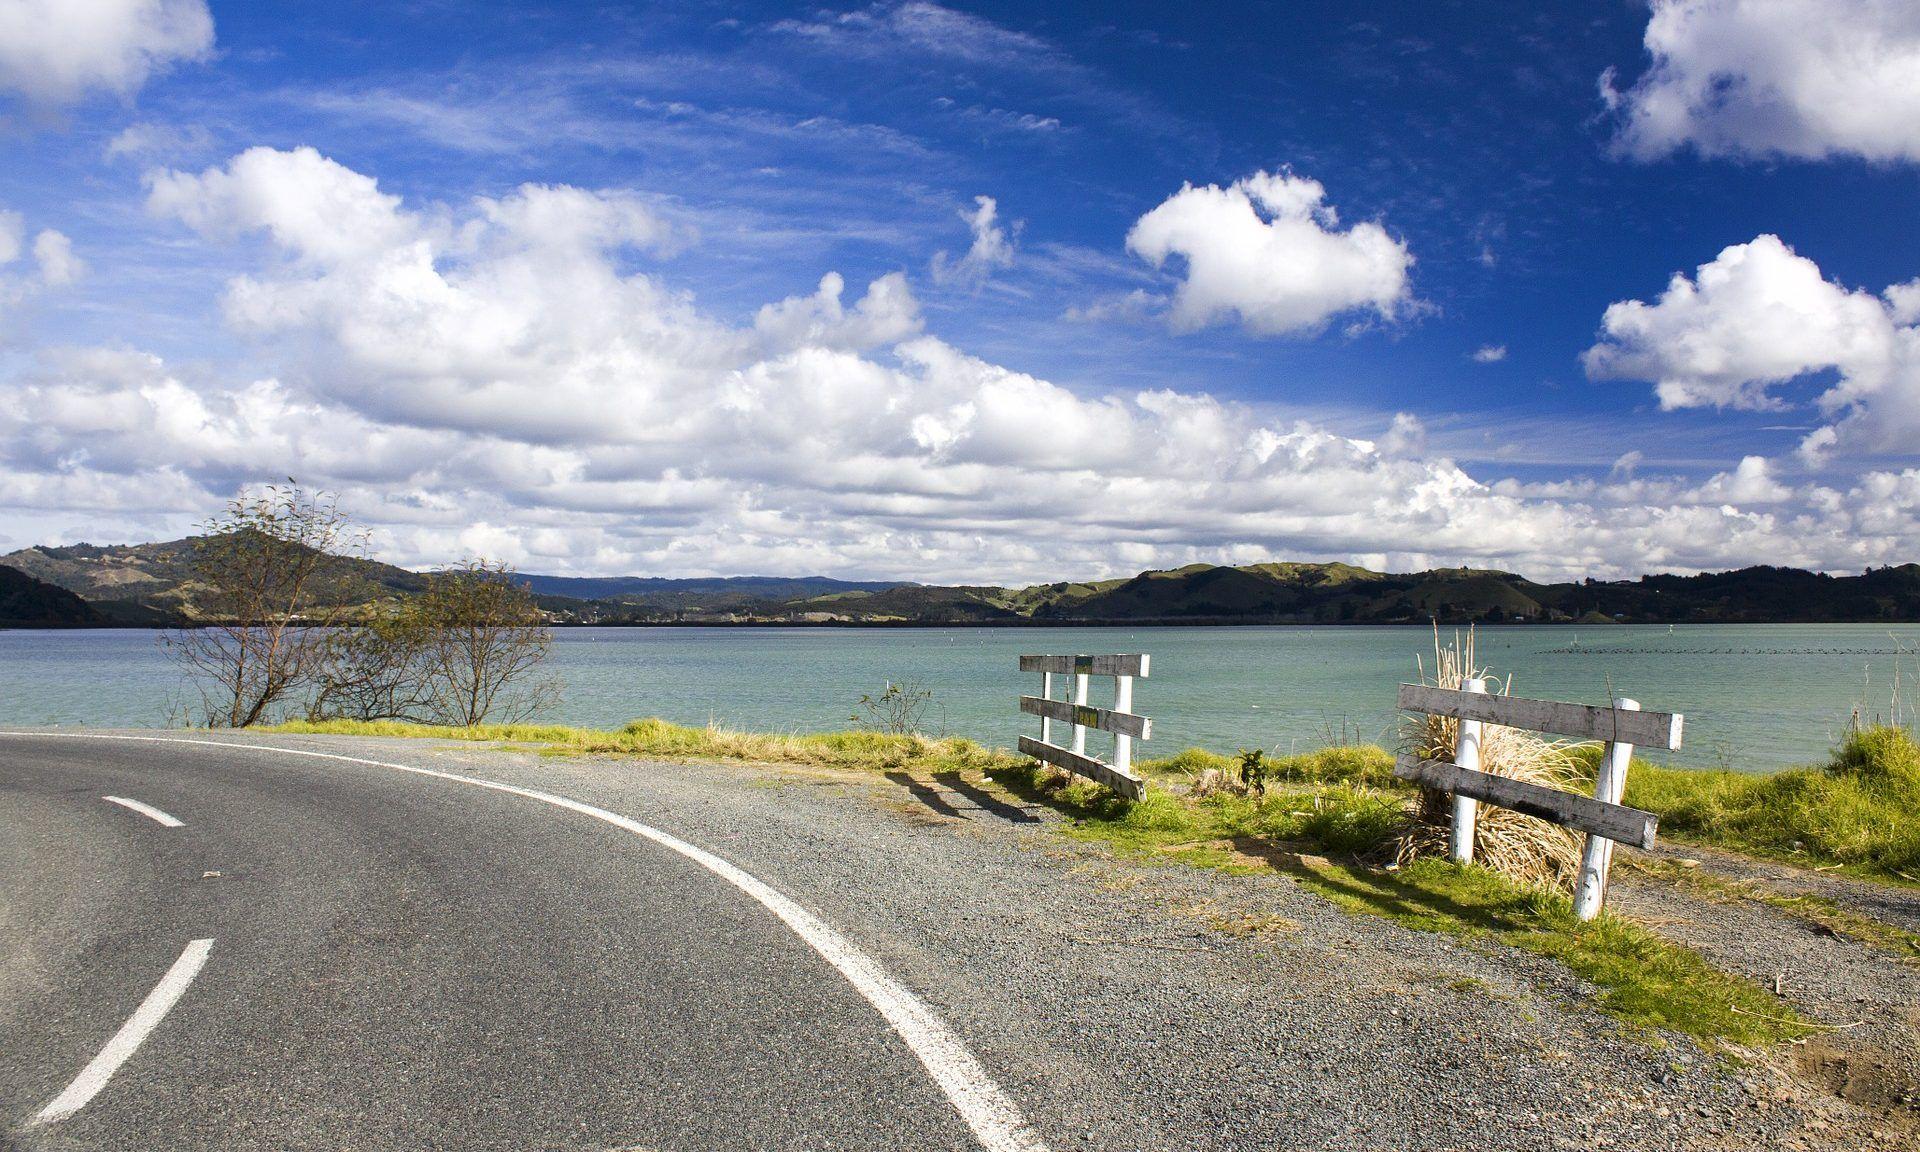 Praktikum Neuseeland, Auslandspraktikum, Auslandspraktika